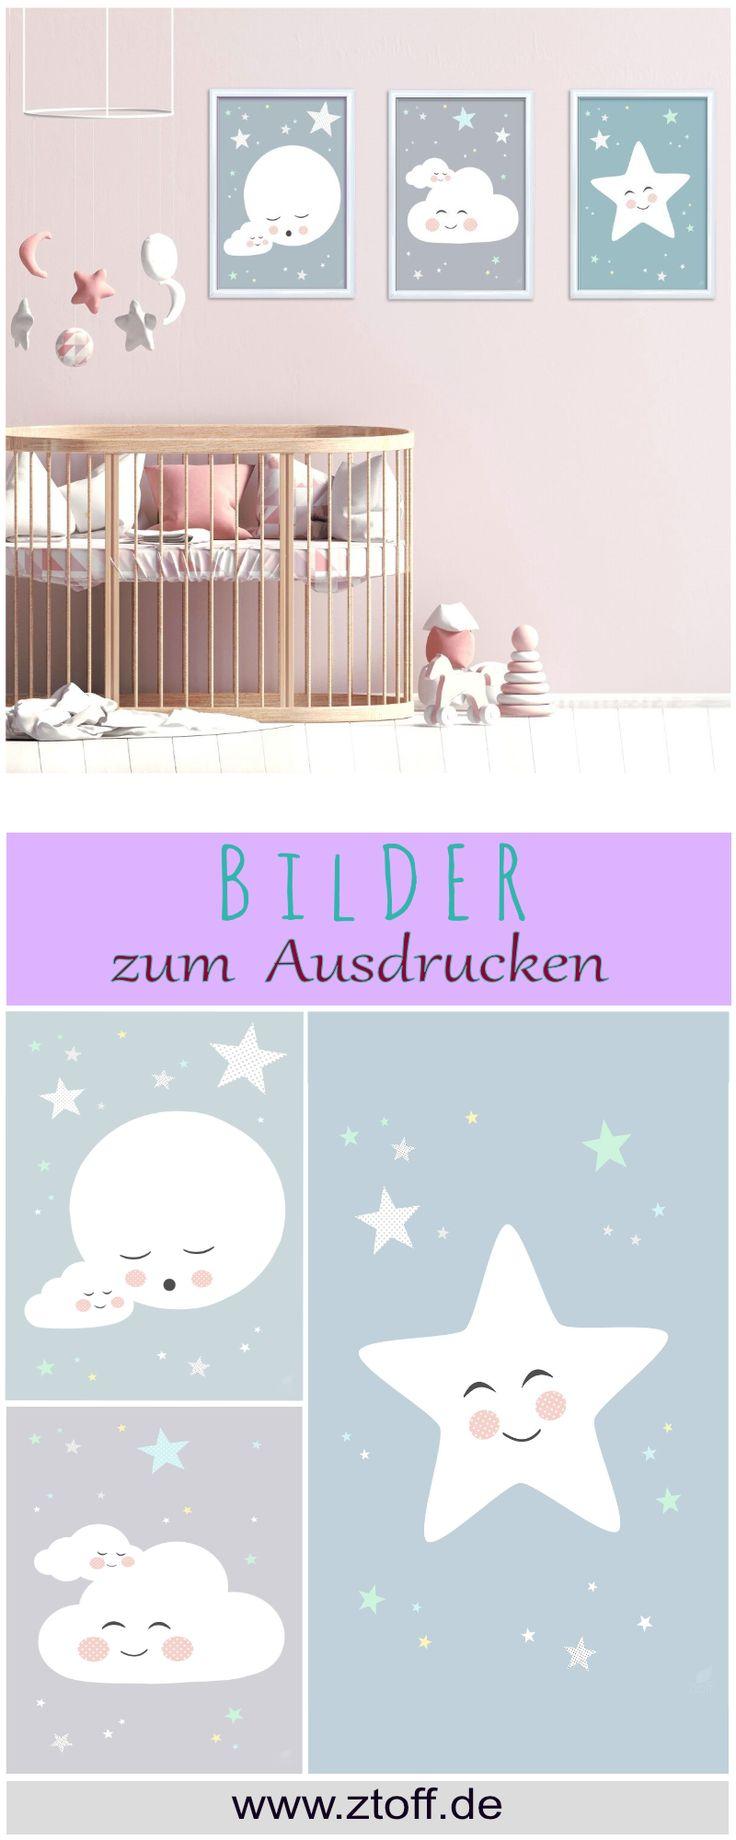 Bilder zum Ausdrucken /Kinderzimmer Wandgestaltung /Geschenkideen zur Geburt